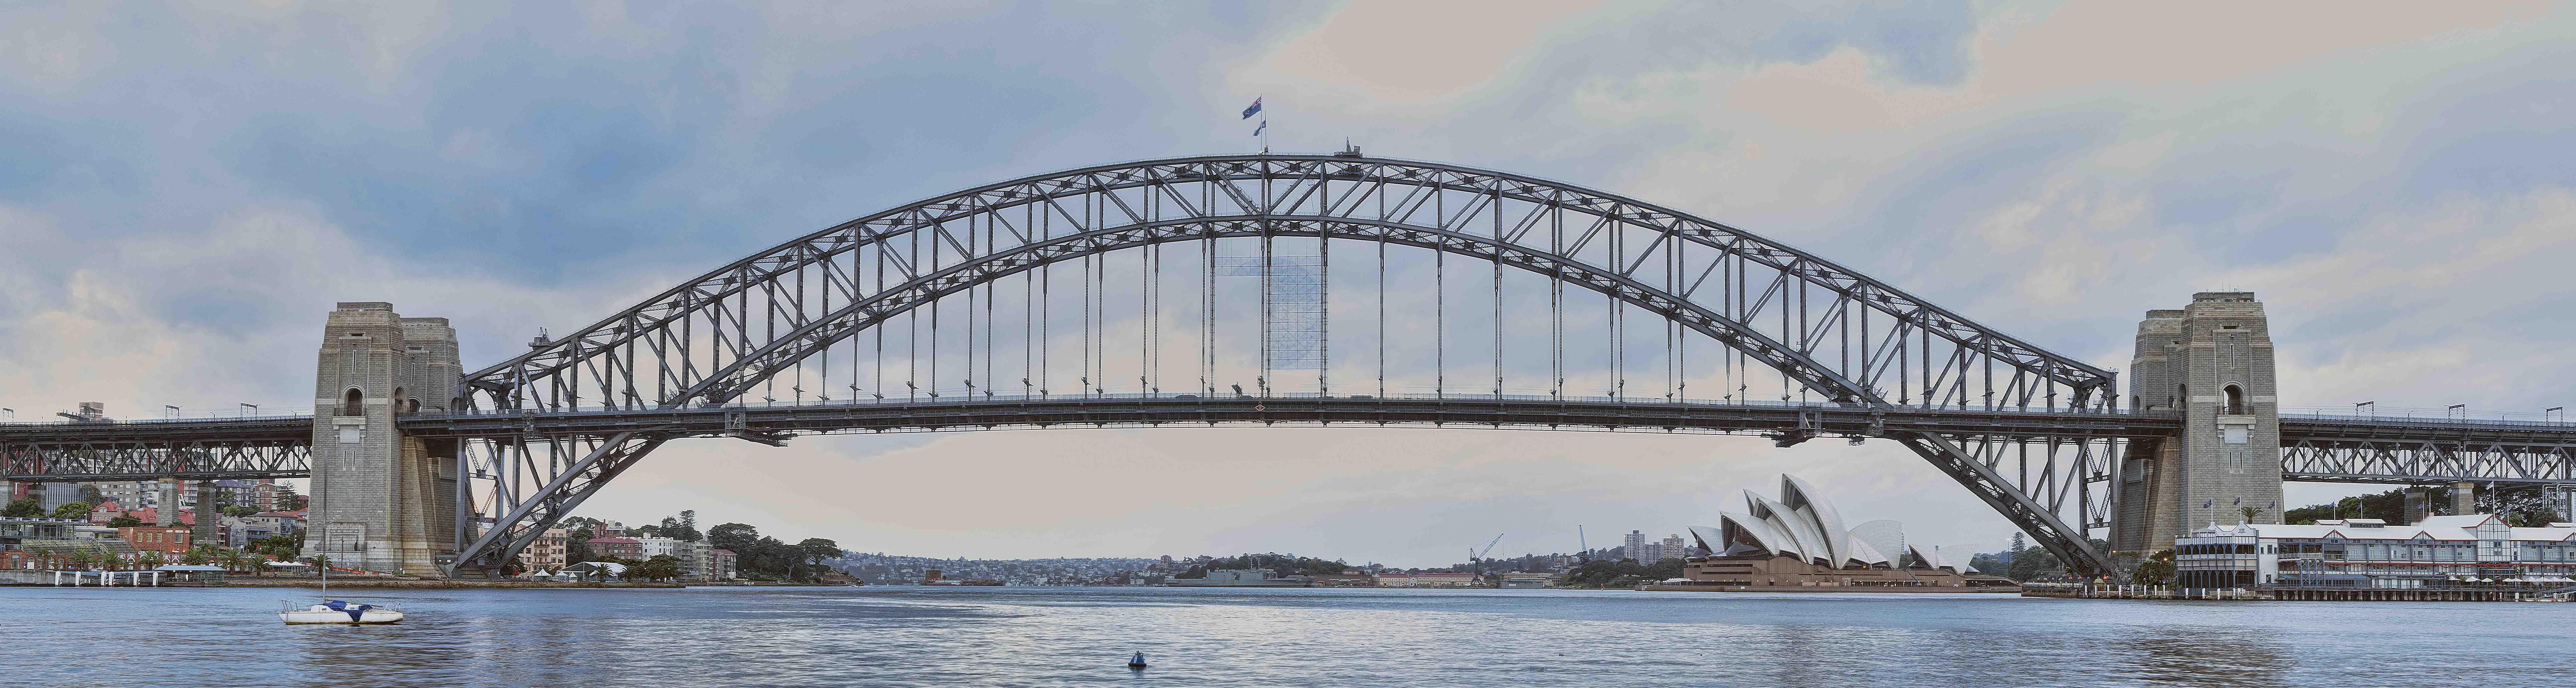 Happy Birthday Sydney Harbour Bridge